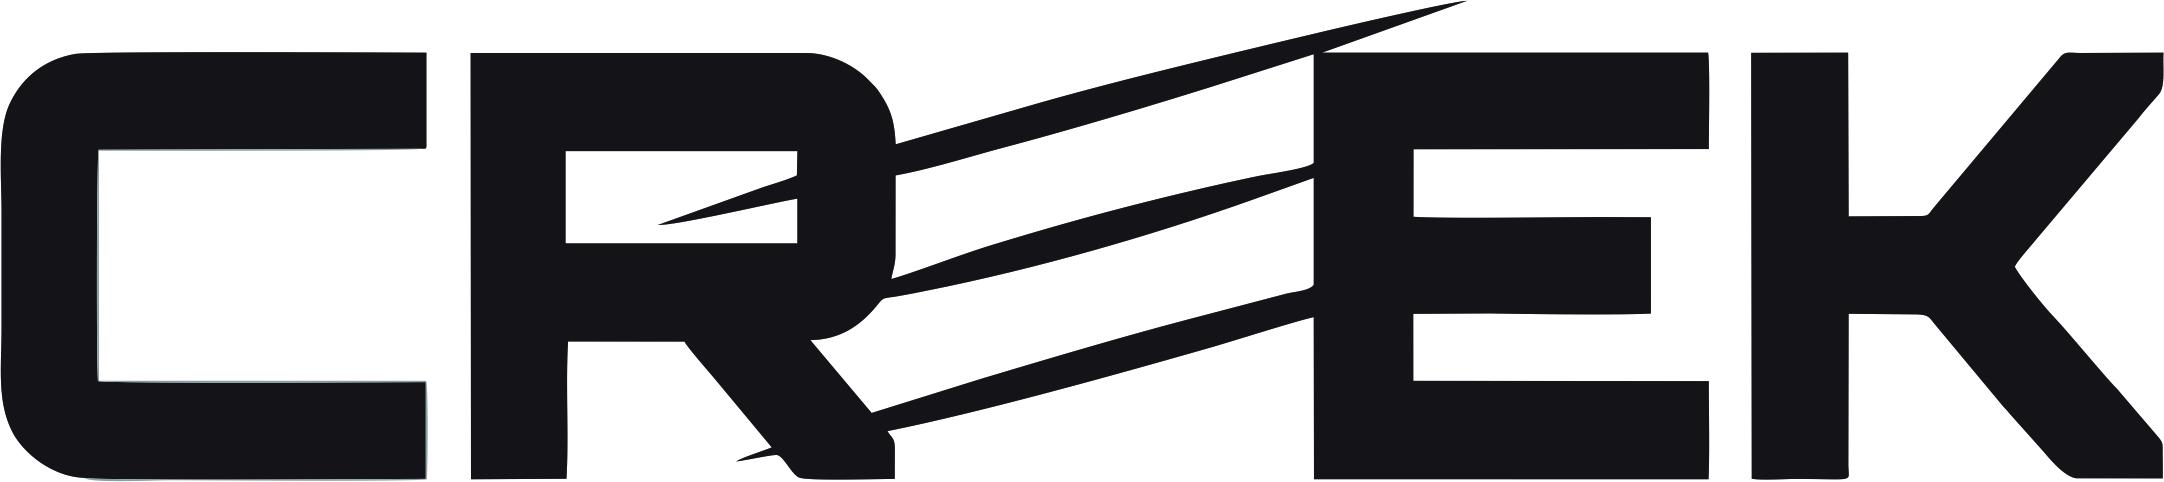 creek-logo-16.jpg